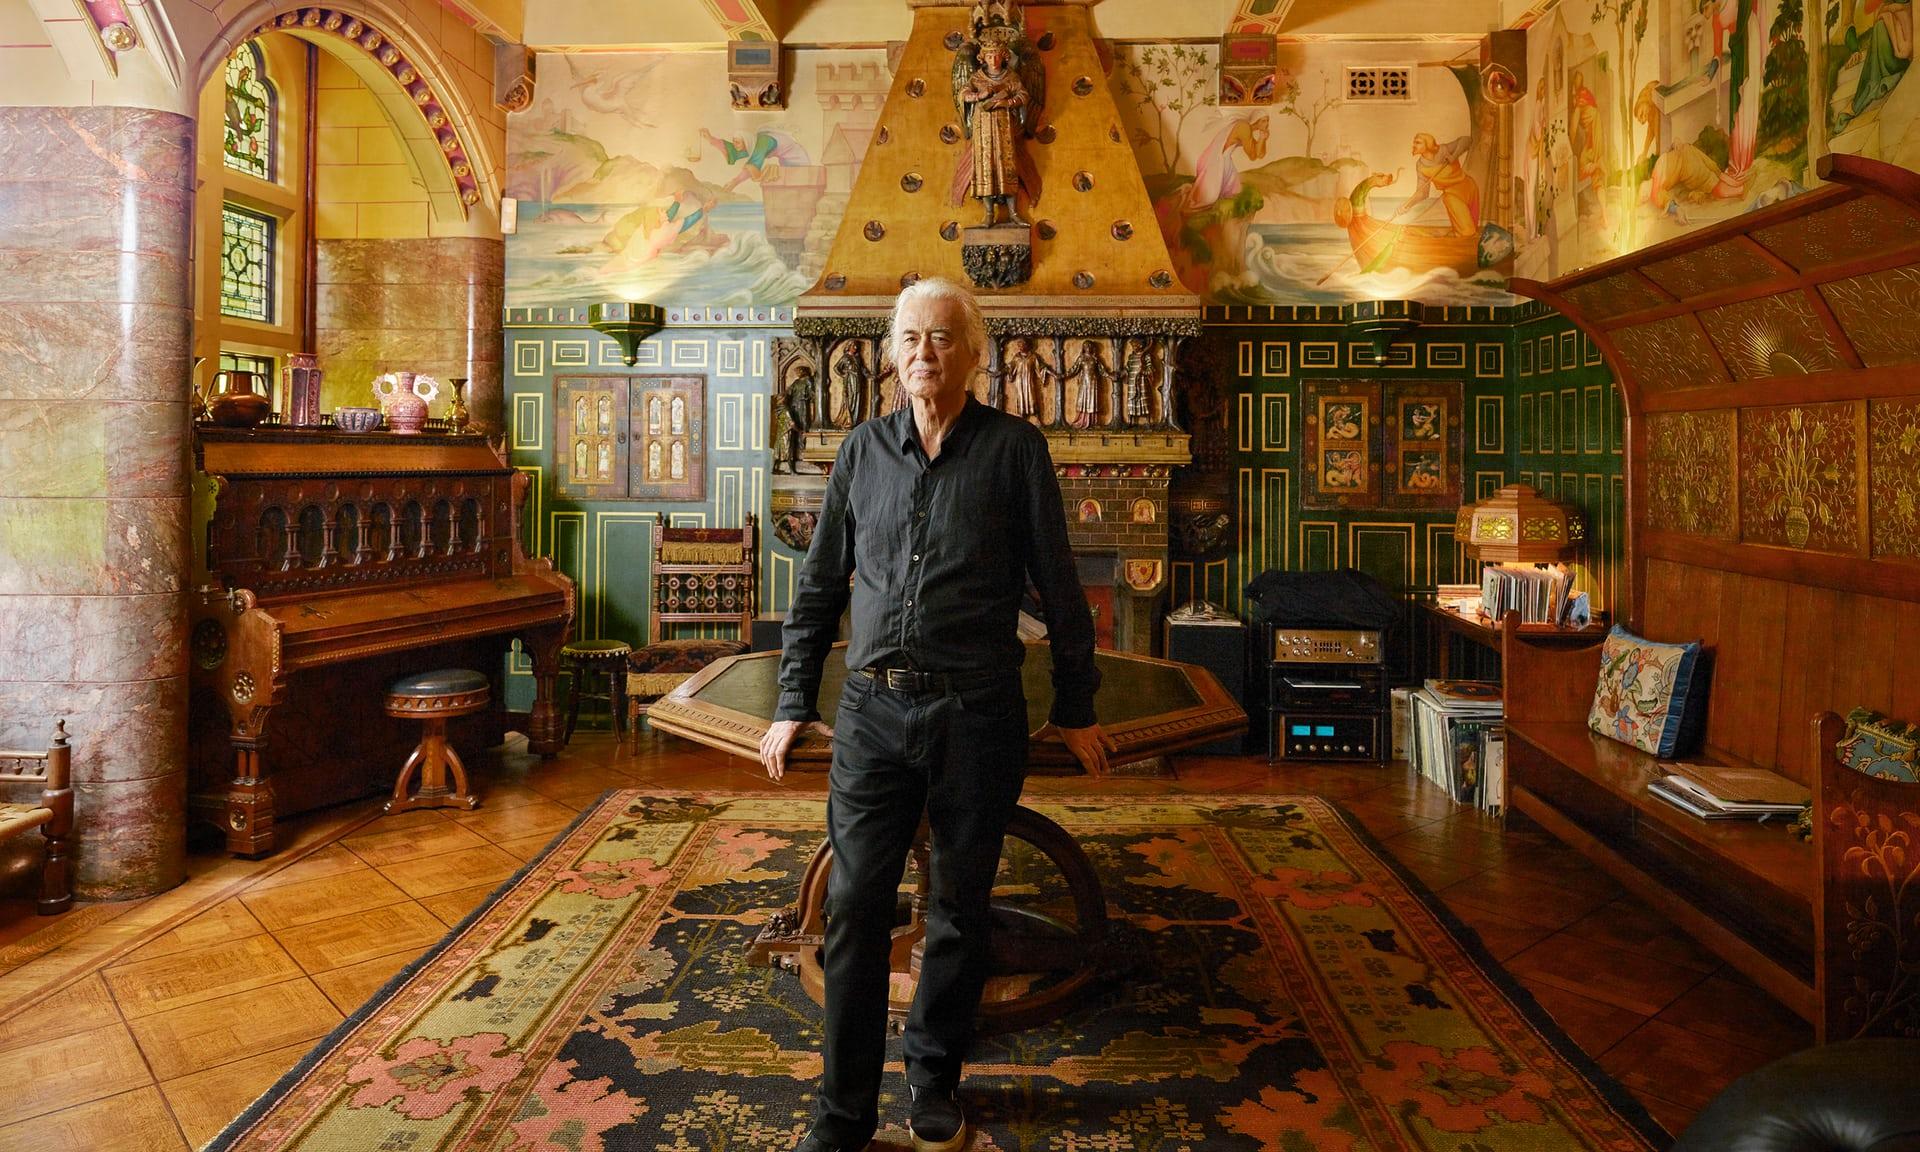 Джимми Пейдж в гостиной, где Уильям Бёрджес, спроектировавший дом, развлекал своих друзей в 1870-х годах.